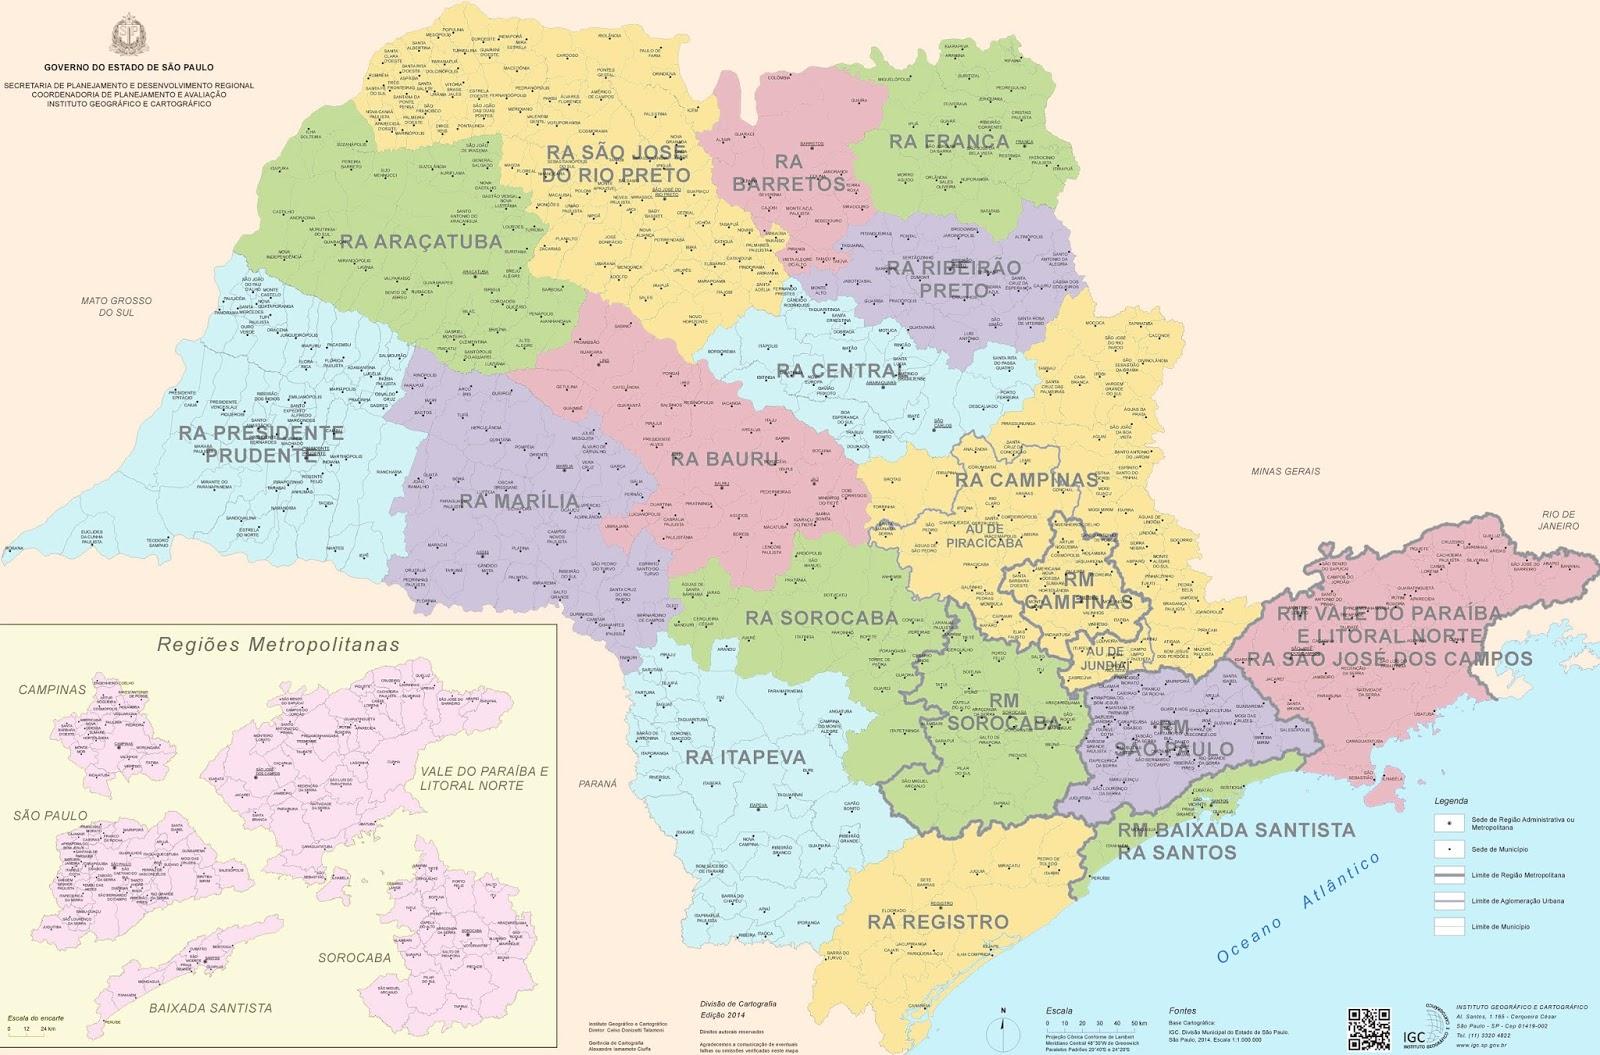 Mapa das Microrregiões de São Paulo